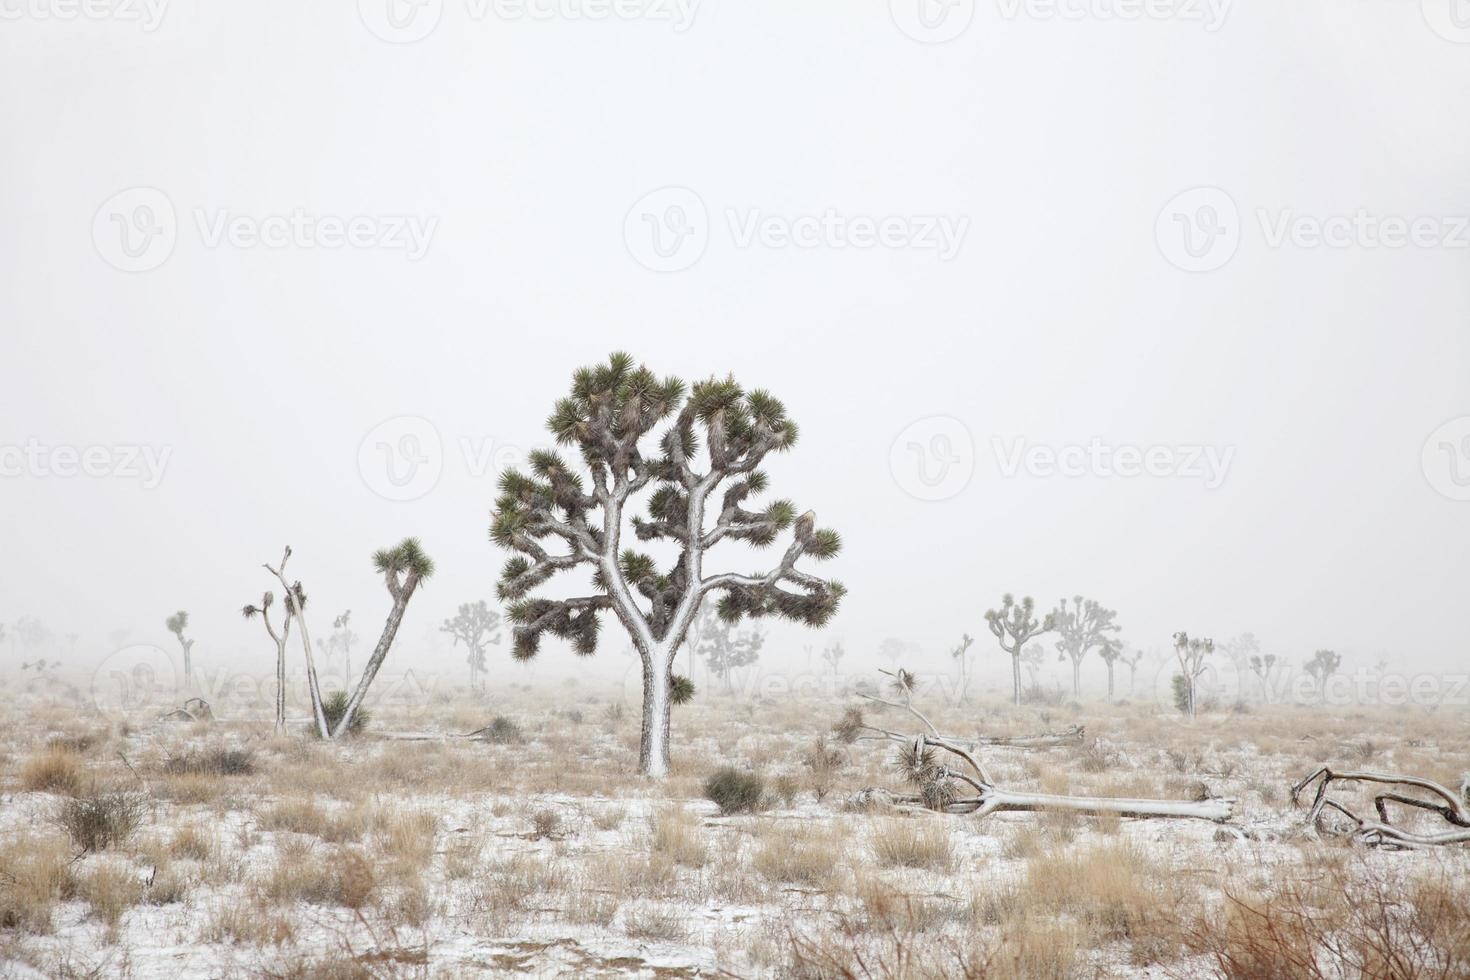 deserto del Mojave blizzard joshua tree parco nazionale california copia spazio foto